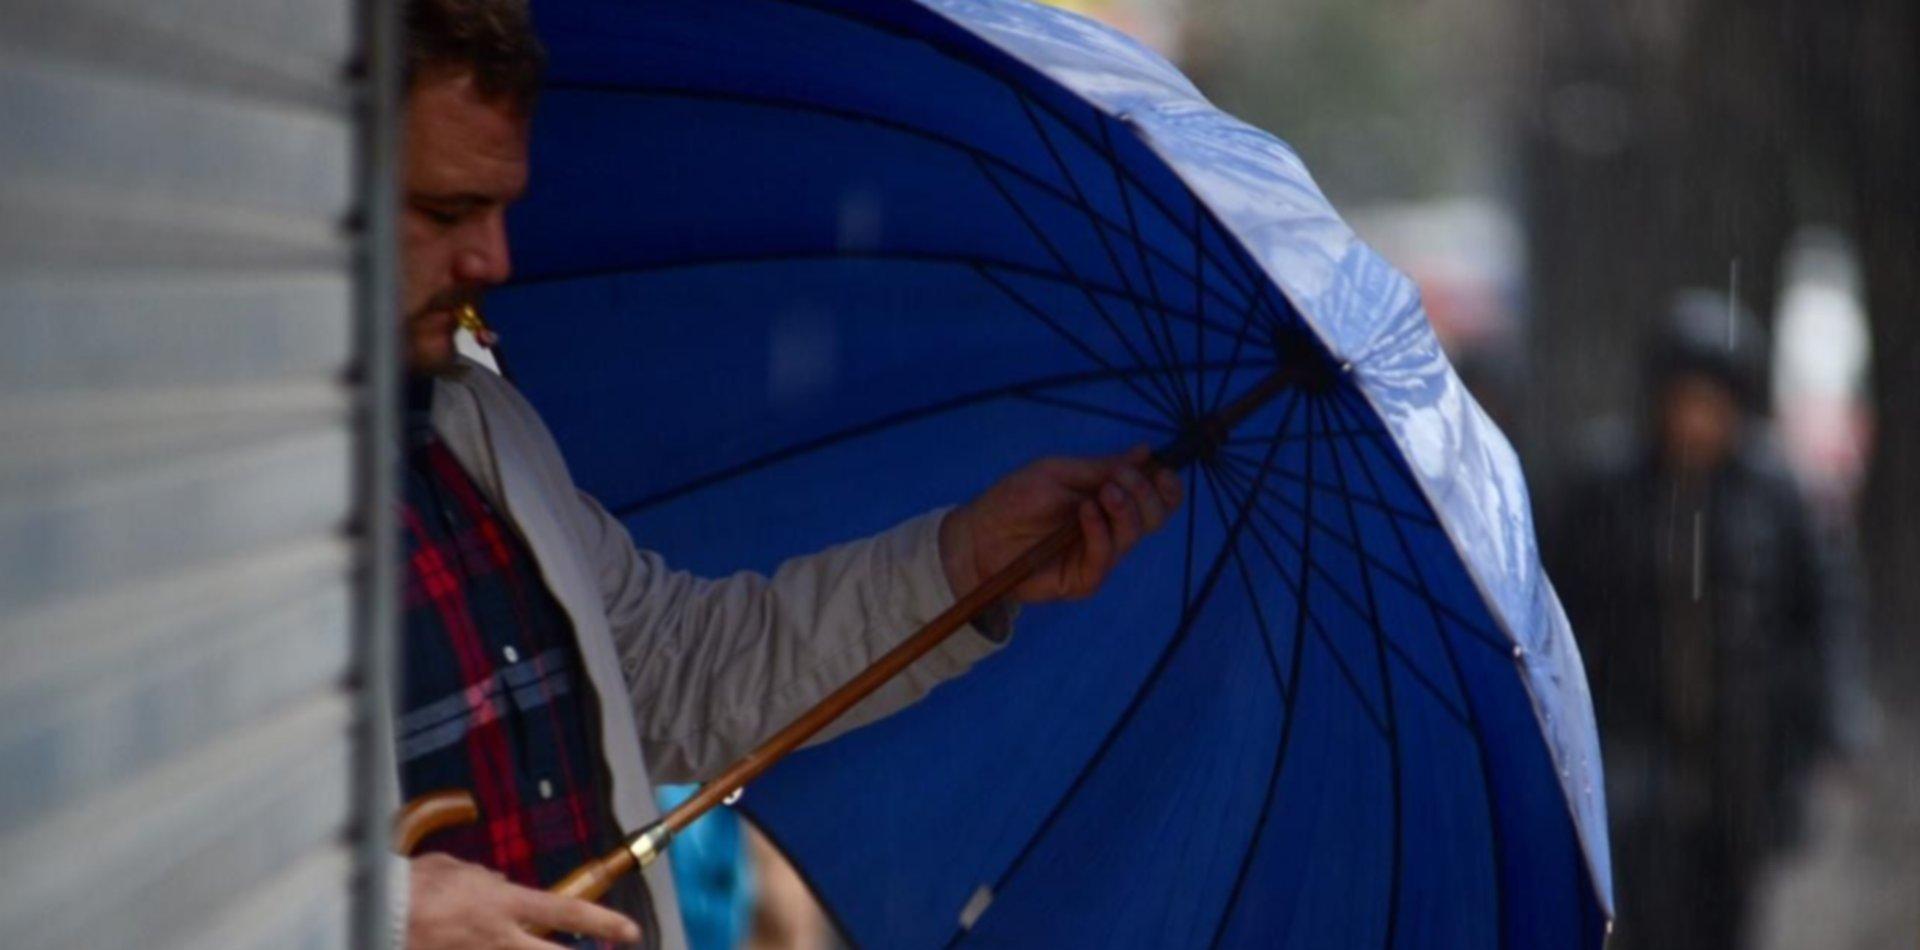 Con lluvias en el horizonte, así continuará el clima en La Plata el resto de la semana